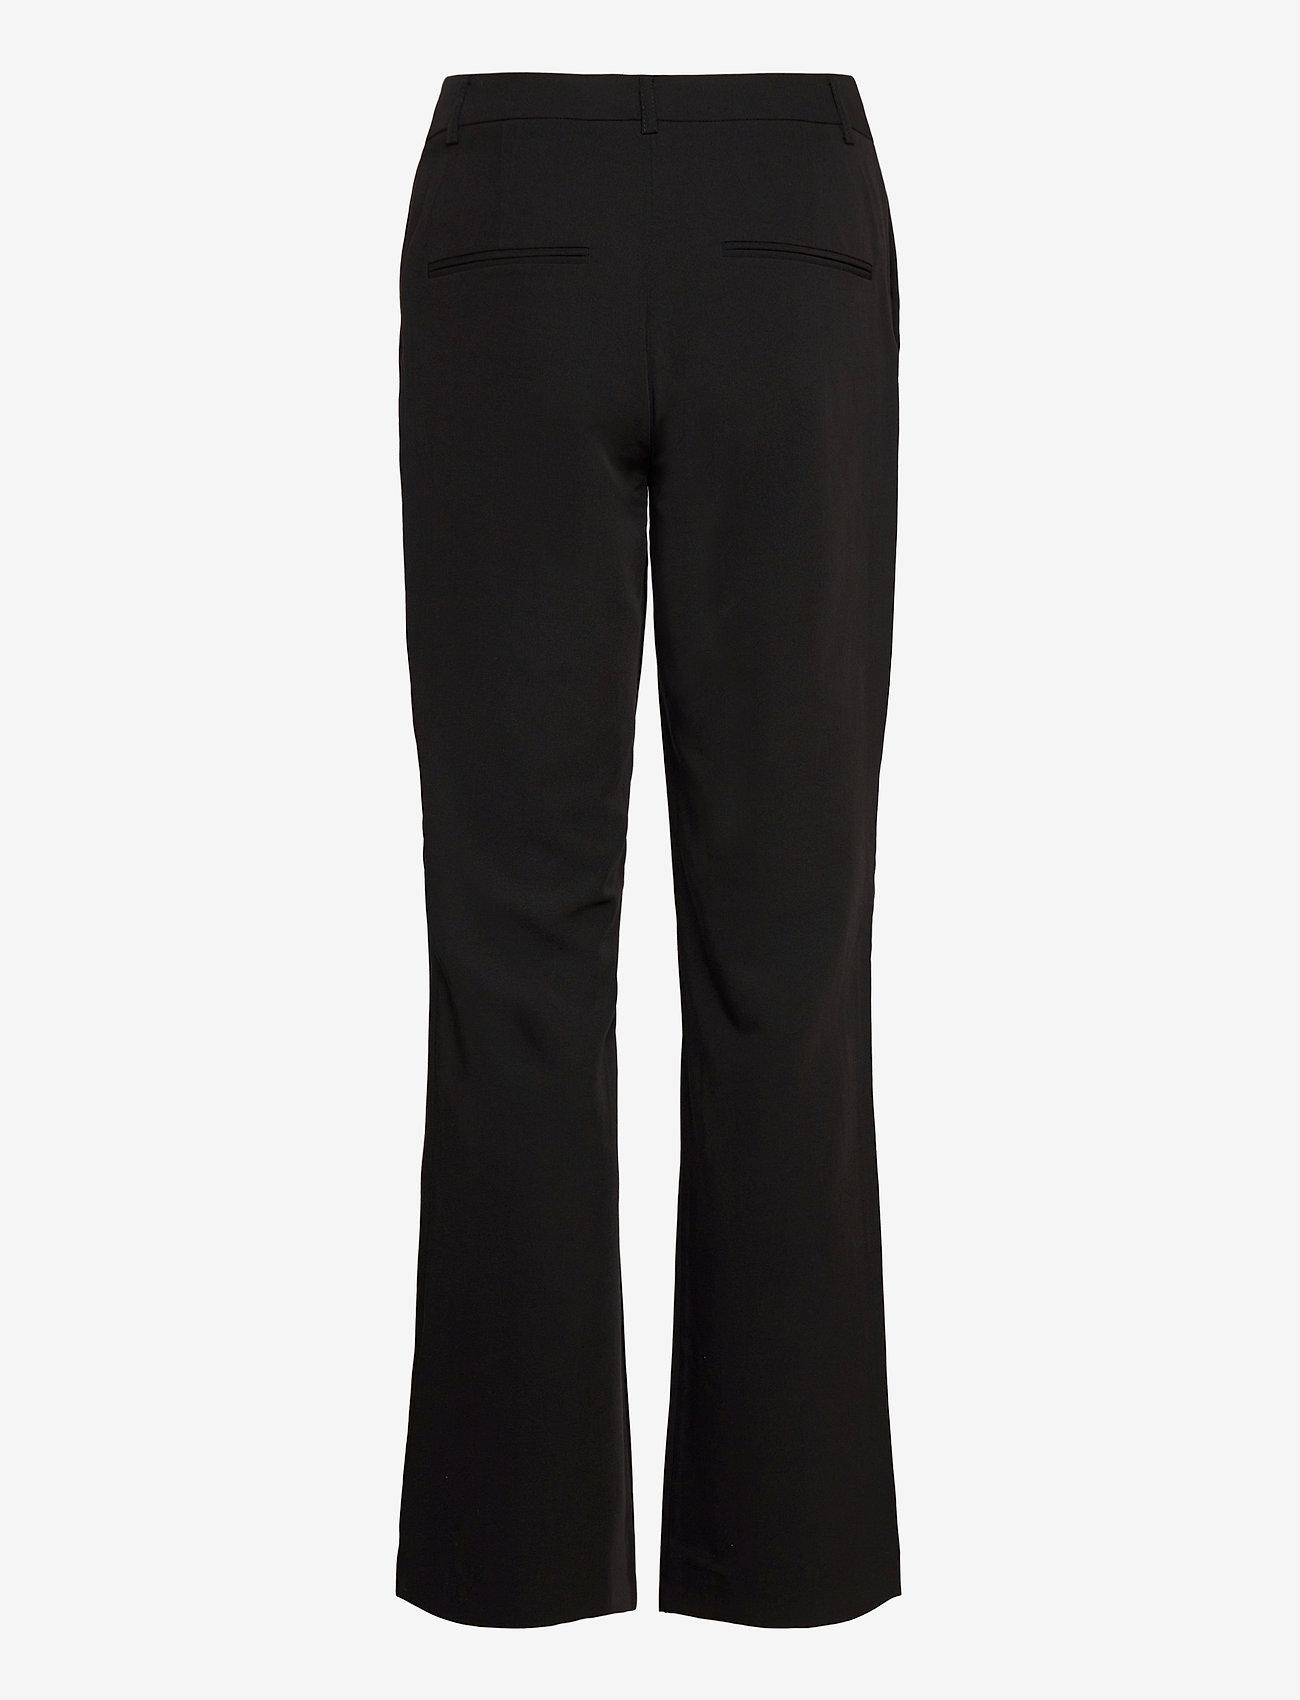 Modström - Kendrick wide pants - bukser med brede ben - black - 1